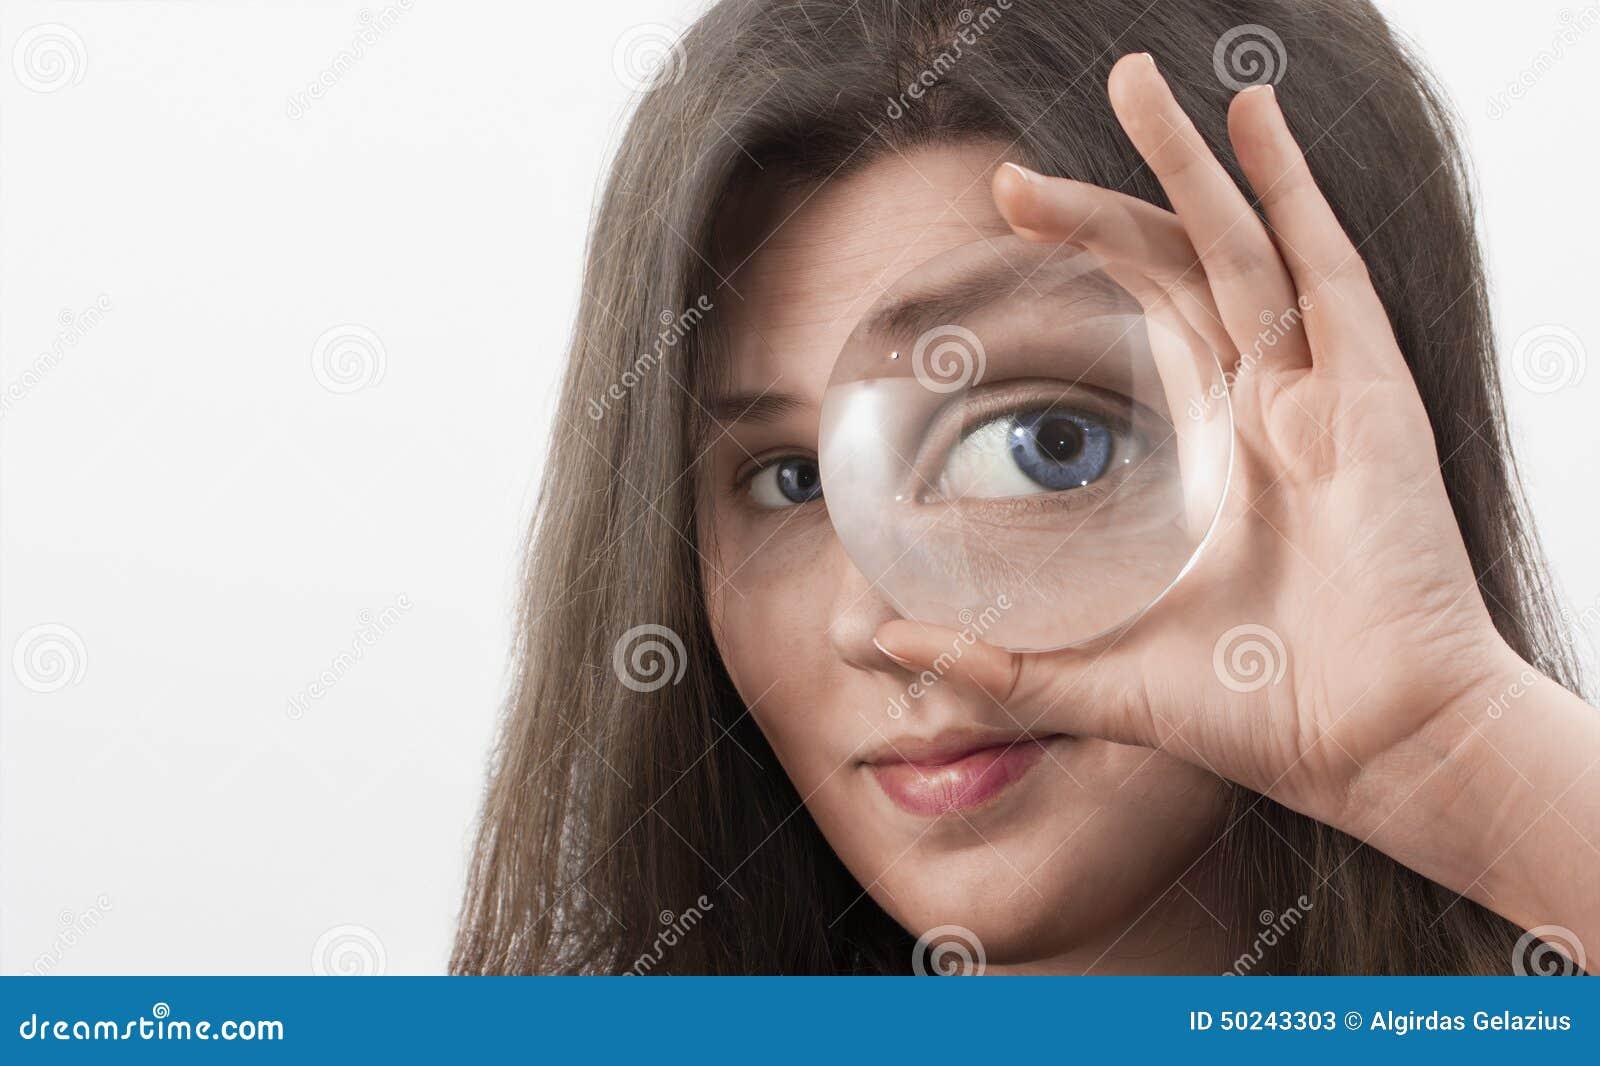 查寻通过放大镜关闭的女性蓝眼睛.